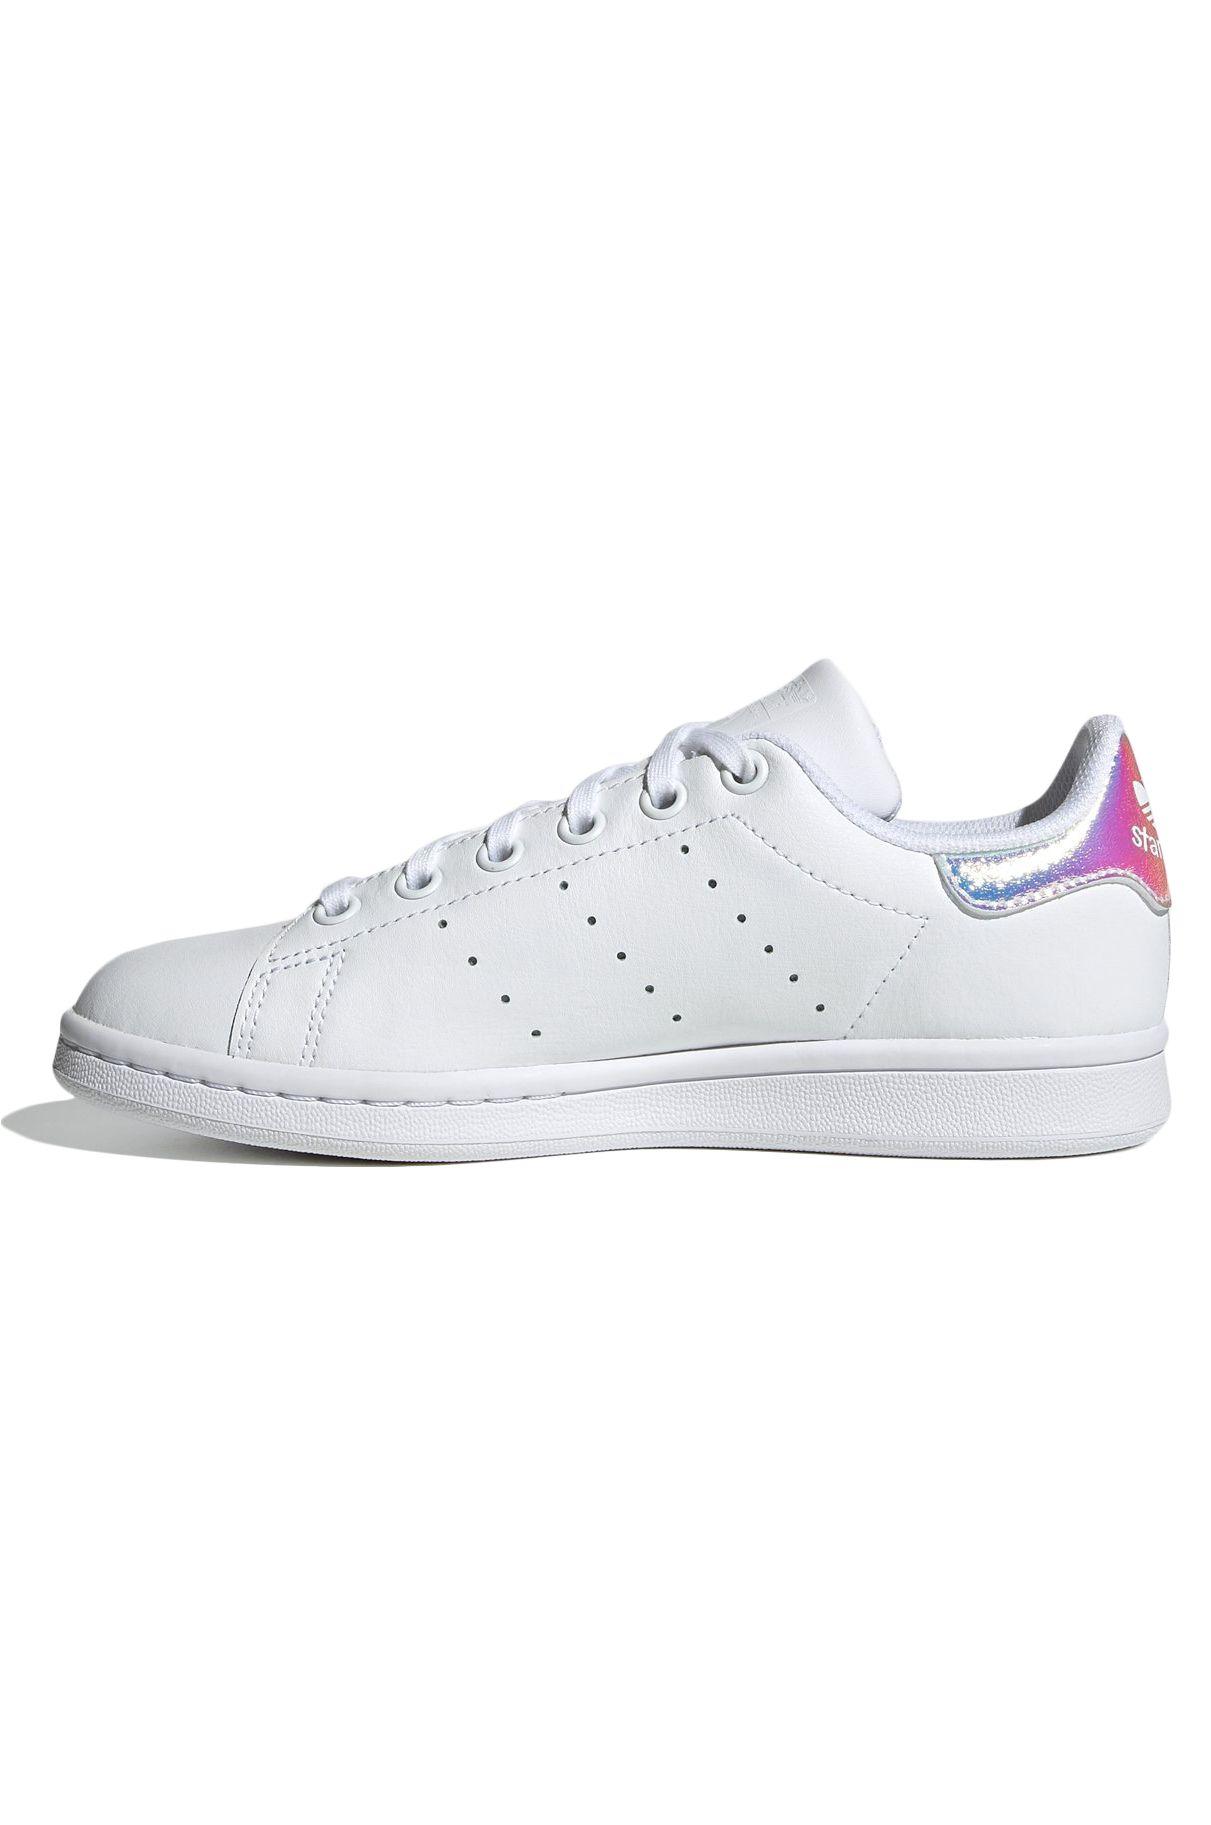 Tenis Adidas STAN SMITH Ftwr White/Ftwr White/Core Black